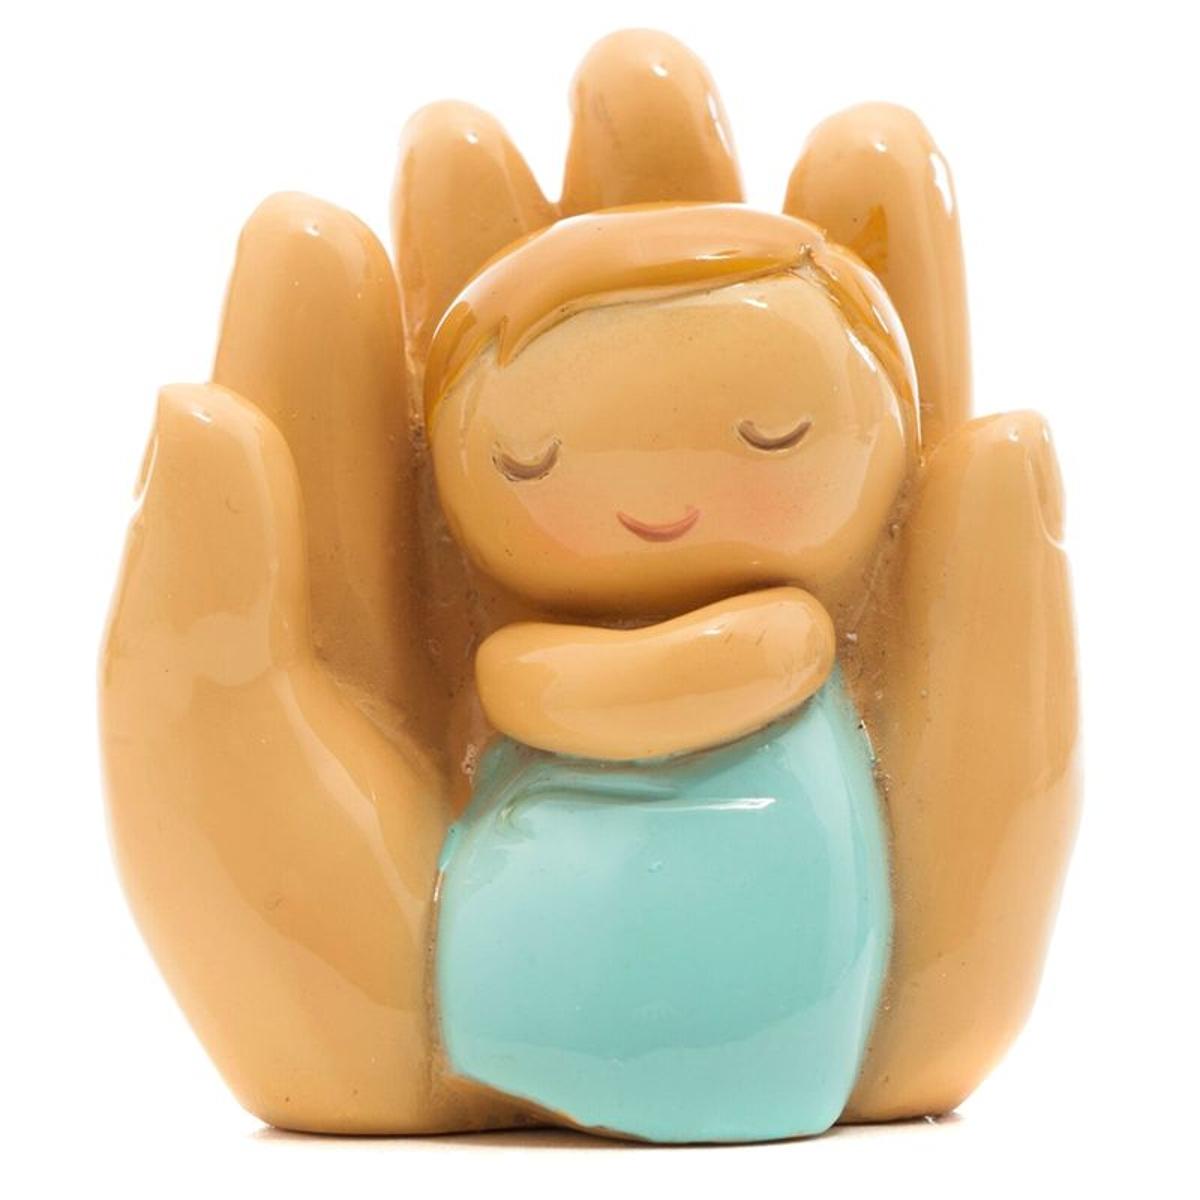 Statuette Ange-Gardien - Protège Moi 5 cm